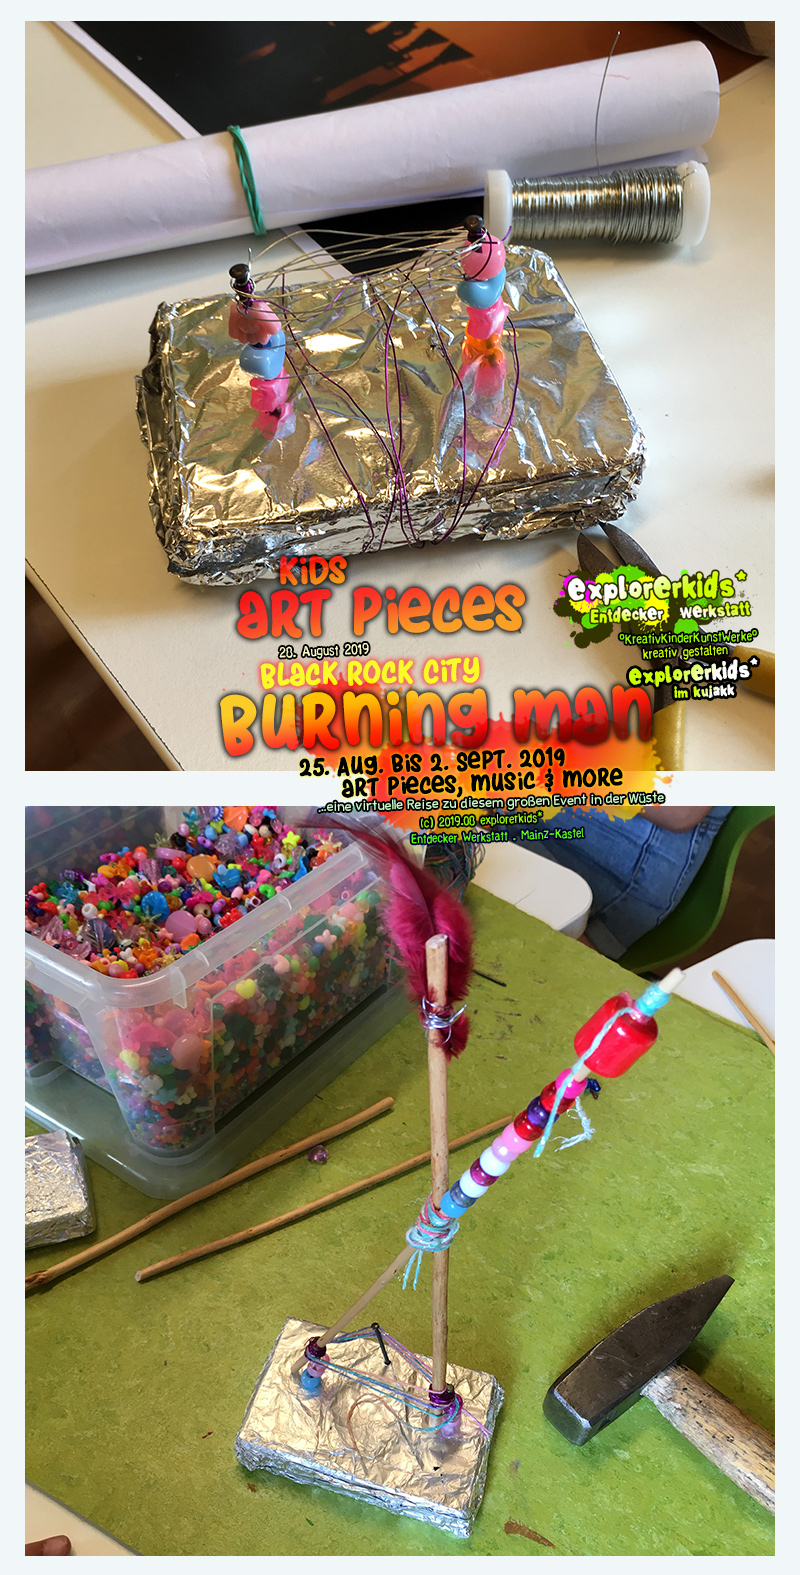 kids art pieces . Black Rock City . Burning Man . 25. August bis 2. September 2019 . art pieces, music & more . explorerkids* . Entdecker Werkstatt im kujakk . Kinder- und Jugendzentrum in der Reduit . Mainz-Kastel